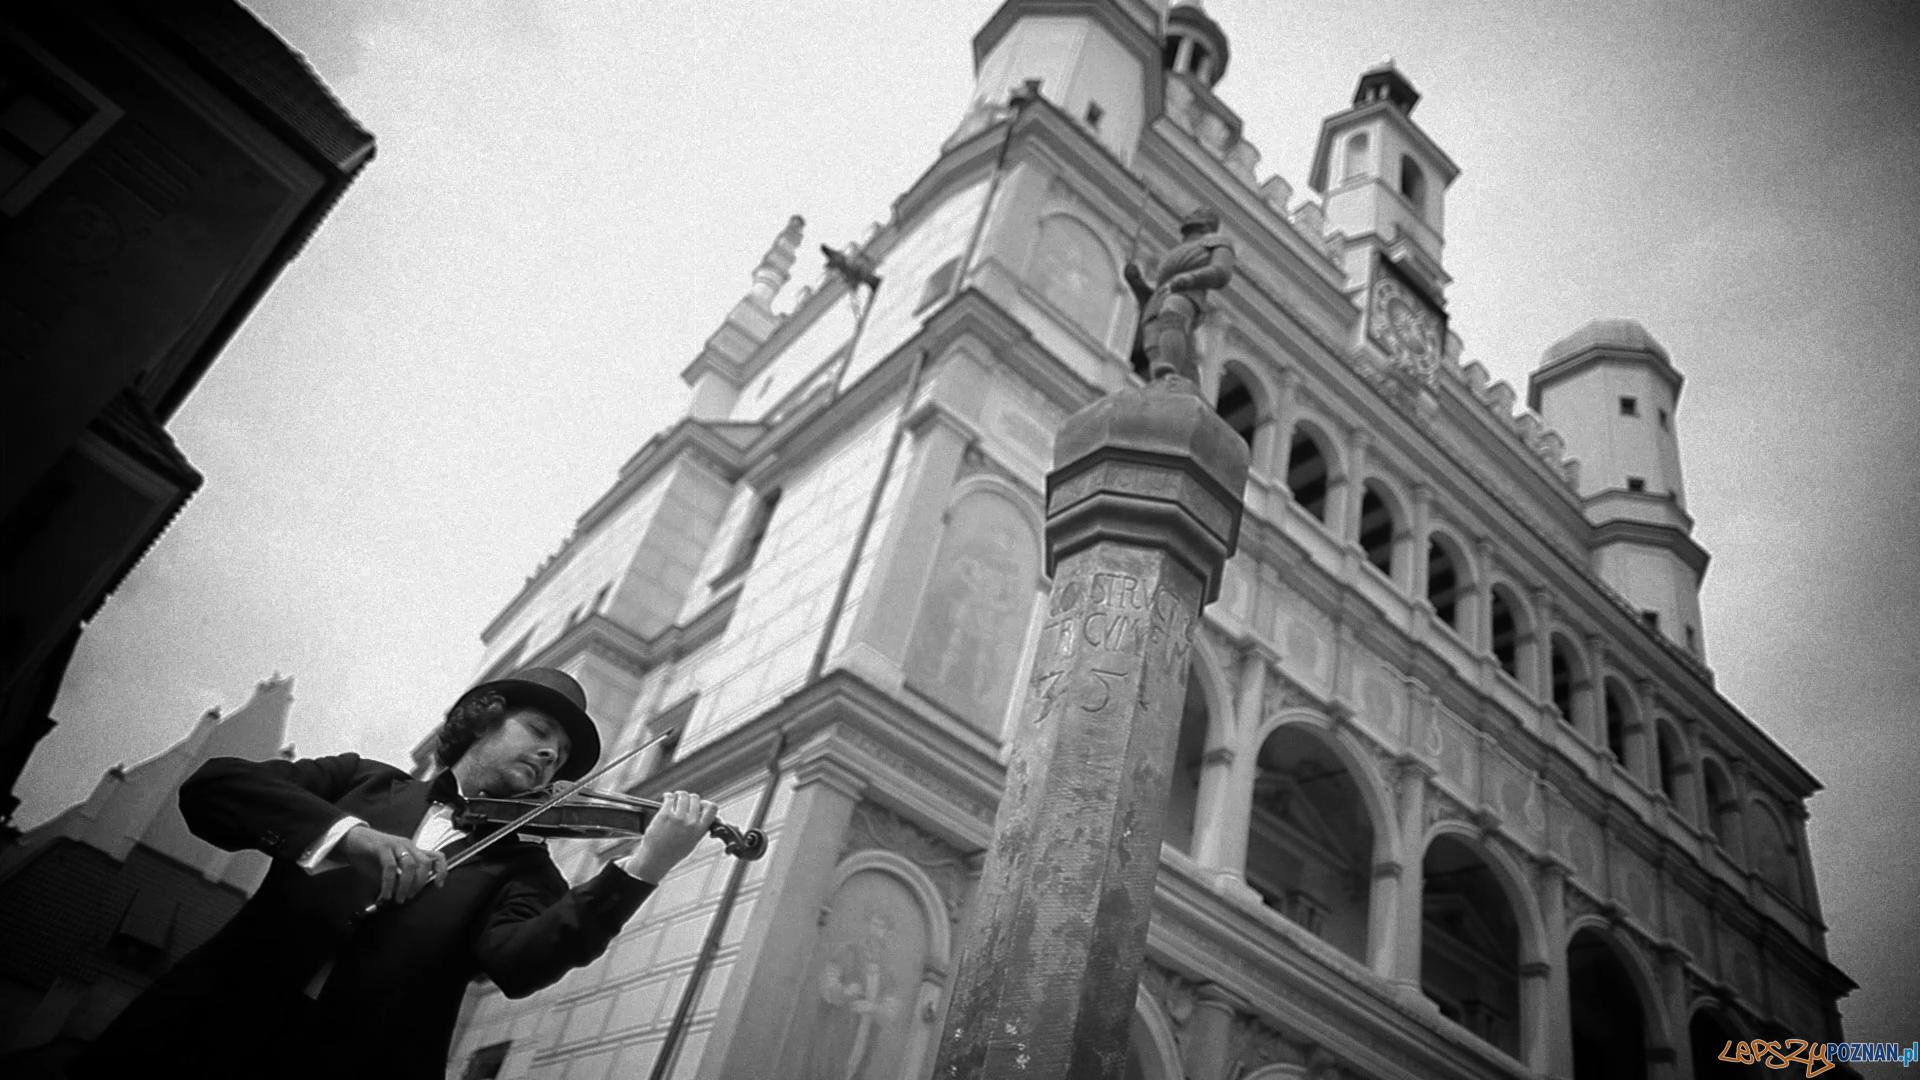 Souvenir de Posen, czyli Pamiątka z Poznania  Foto: Poznan I Love You